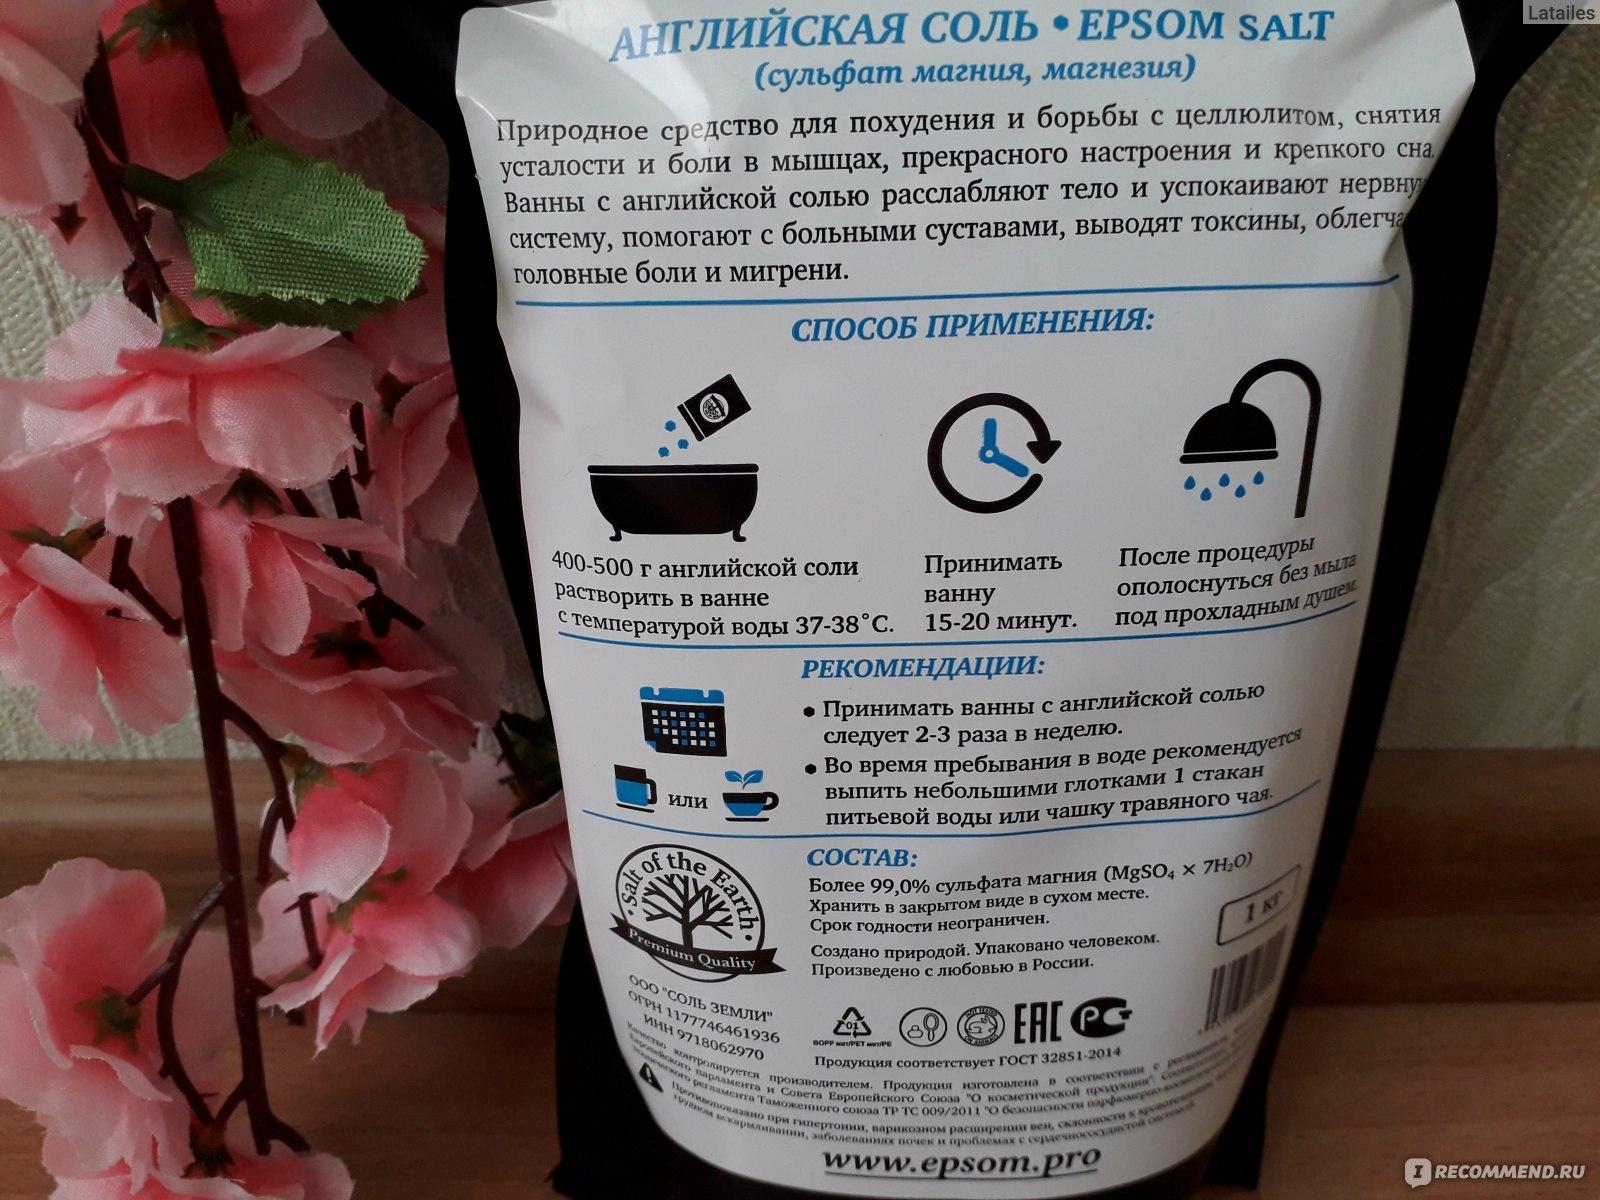 Английская соль – помощник в очищении и похудении